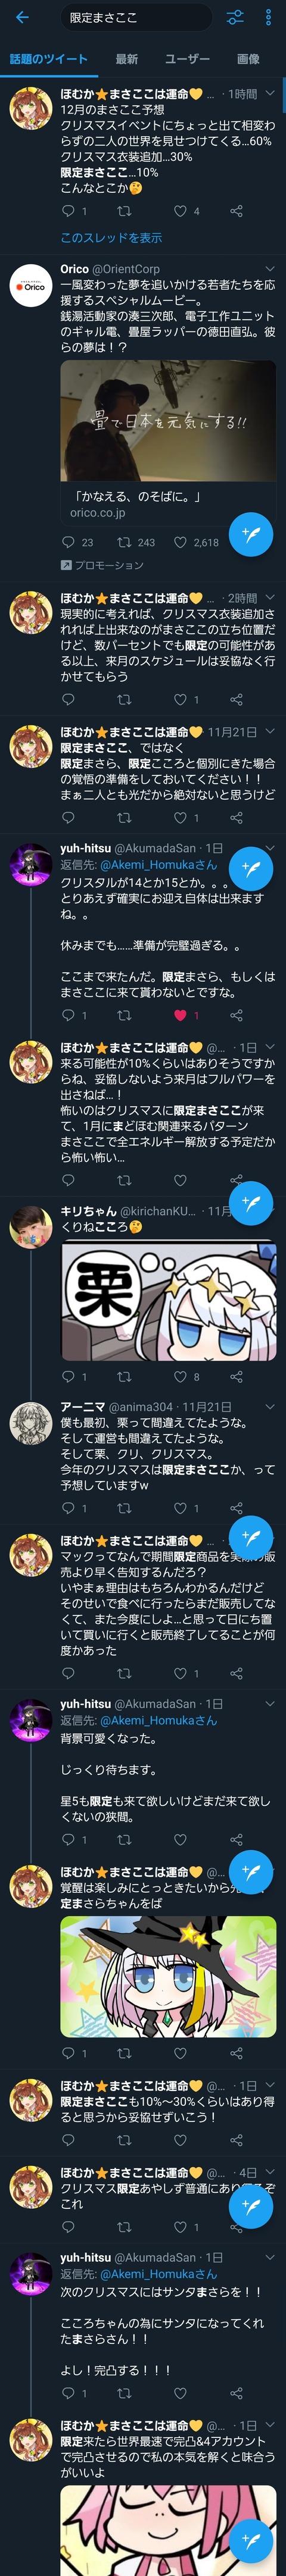 Screenshot_20201129-222301_Twitter